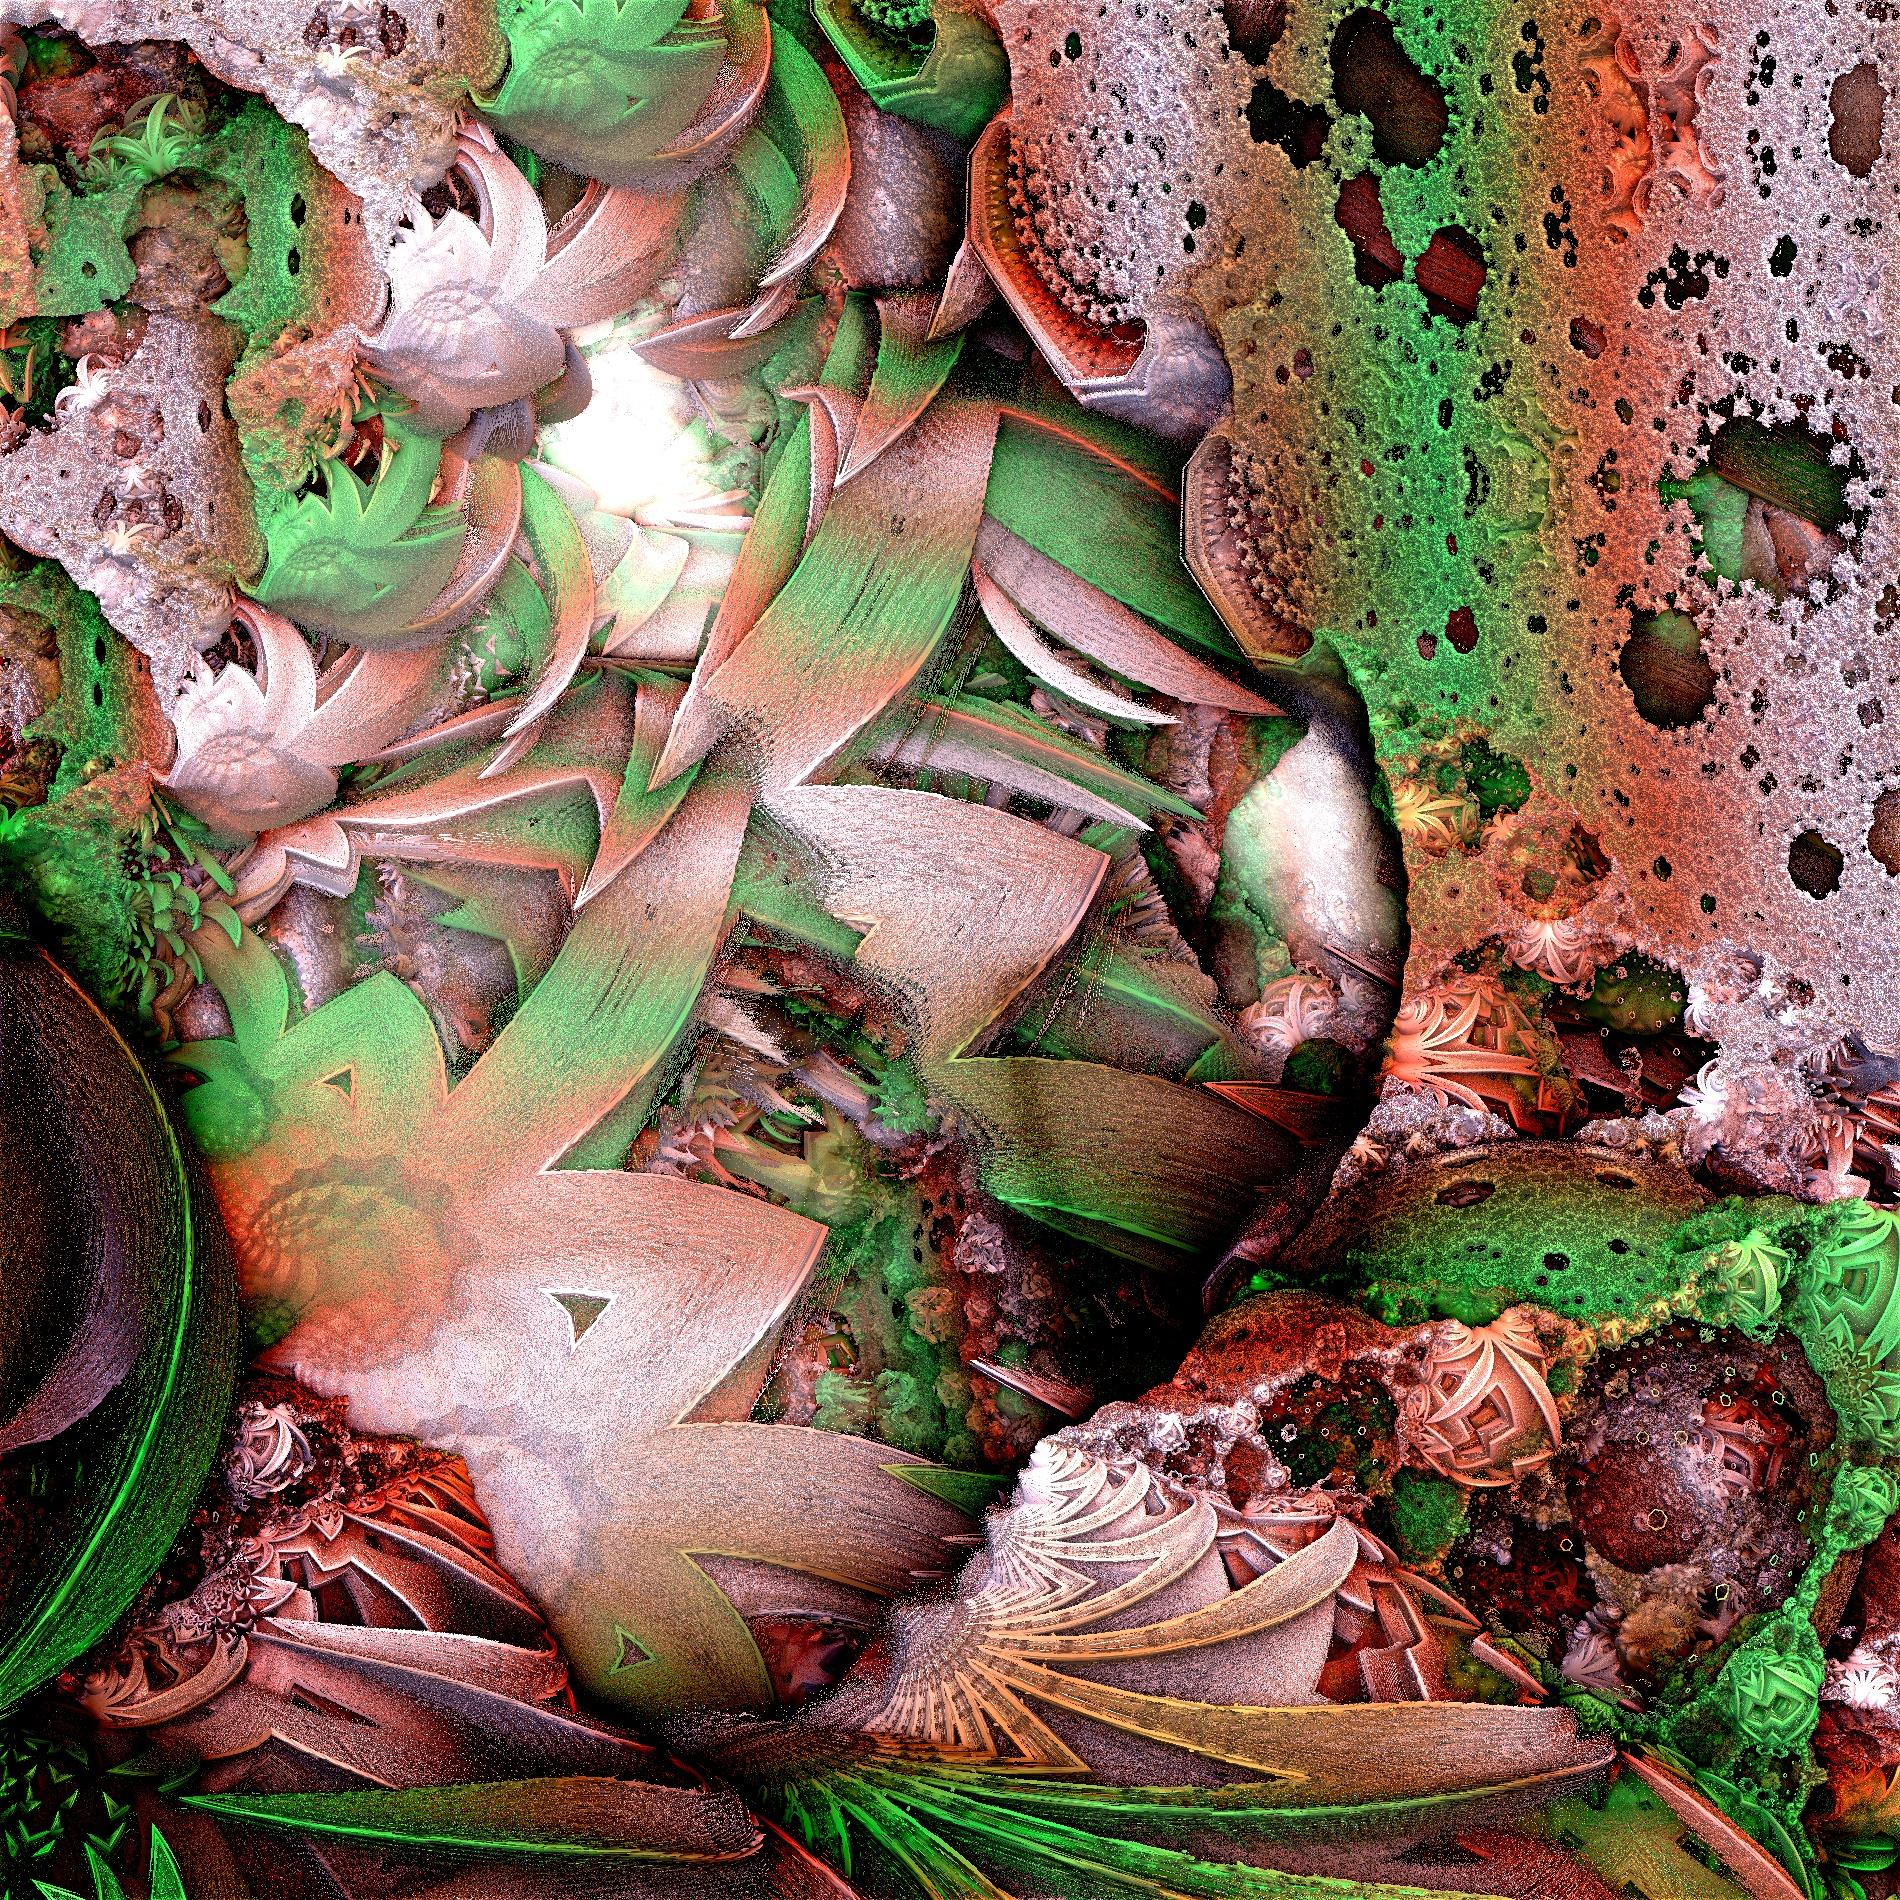 芸術のジャングルワールド&不思議な世界:リアル